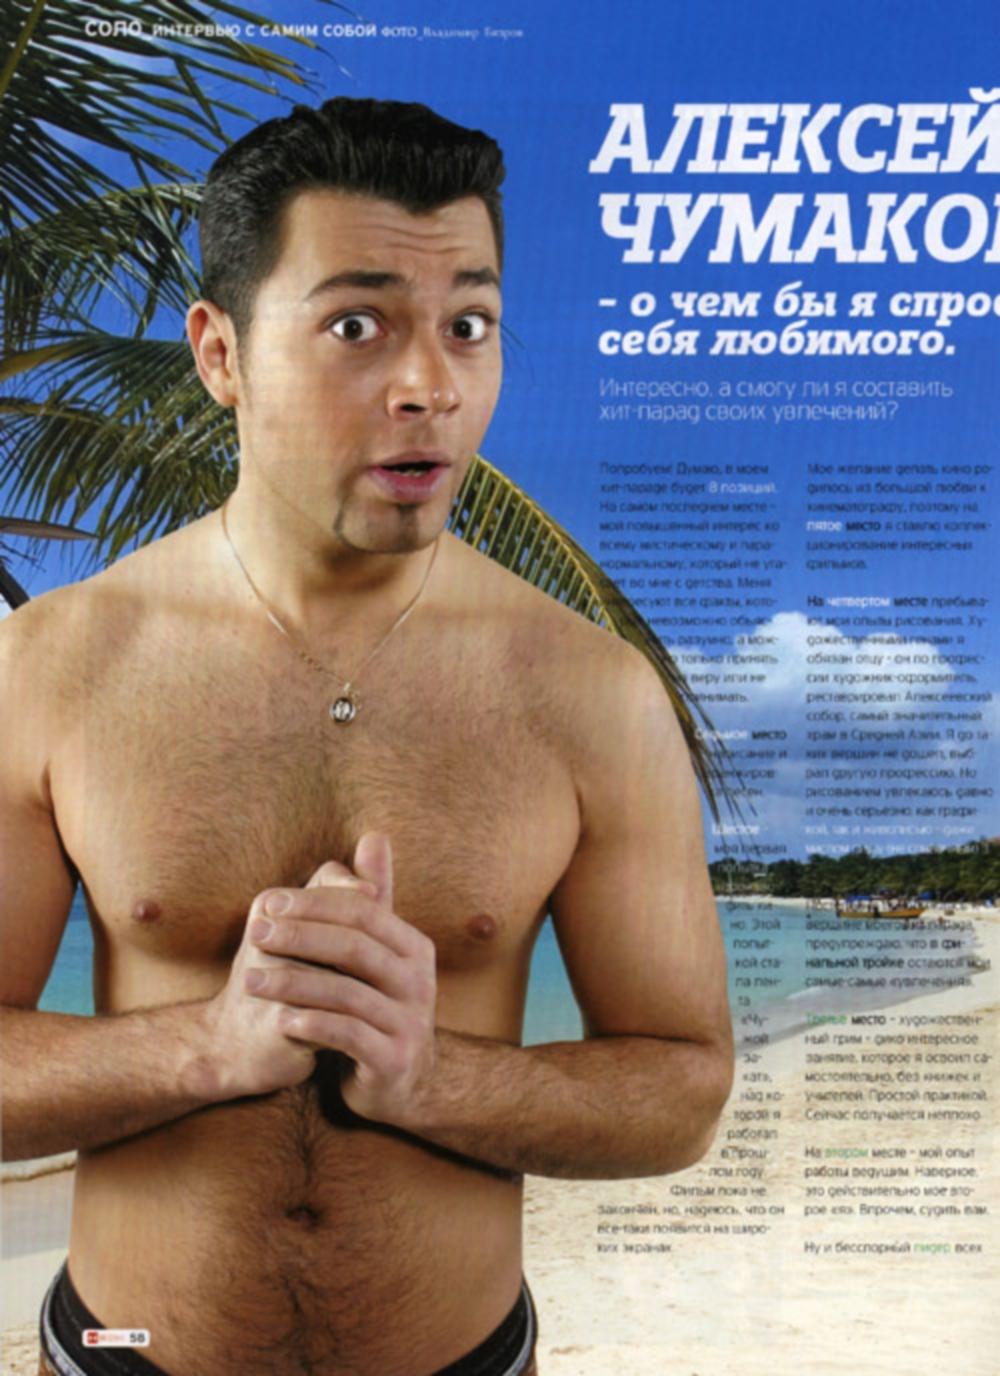 goliy-chumakov-aleksey